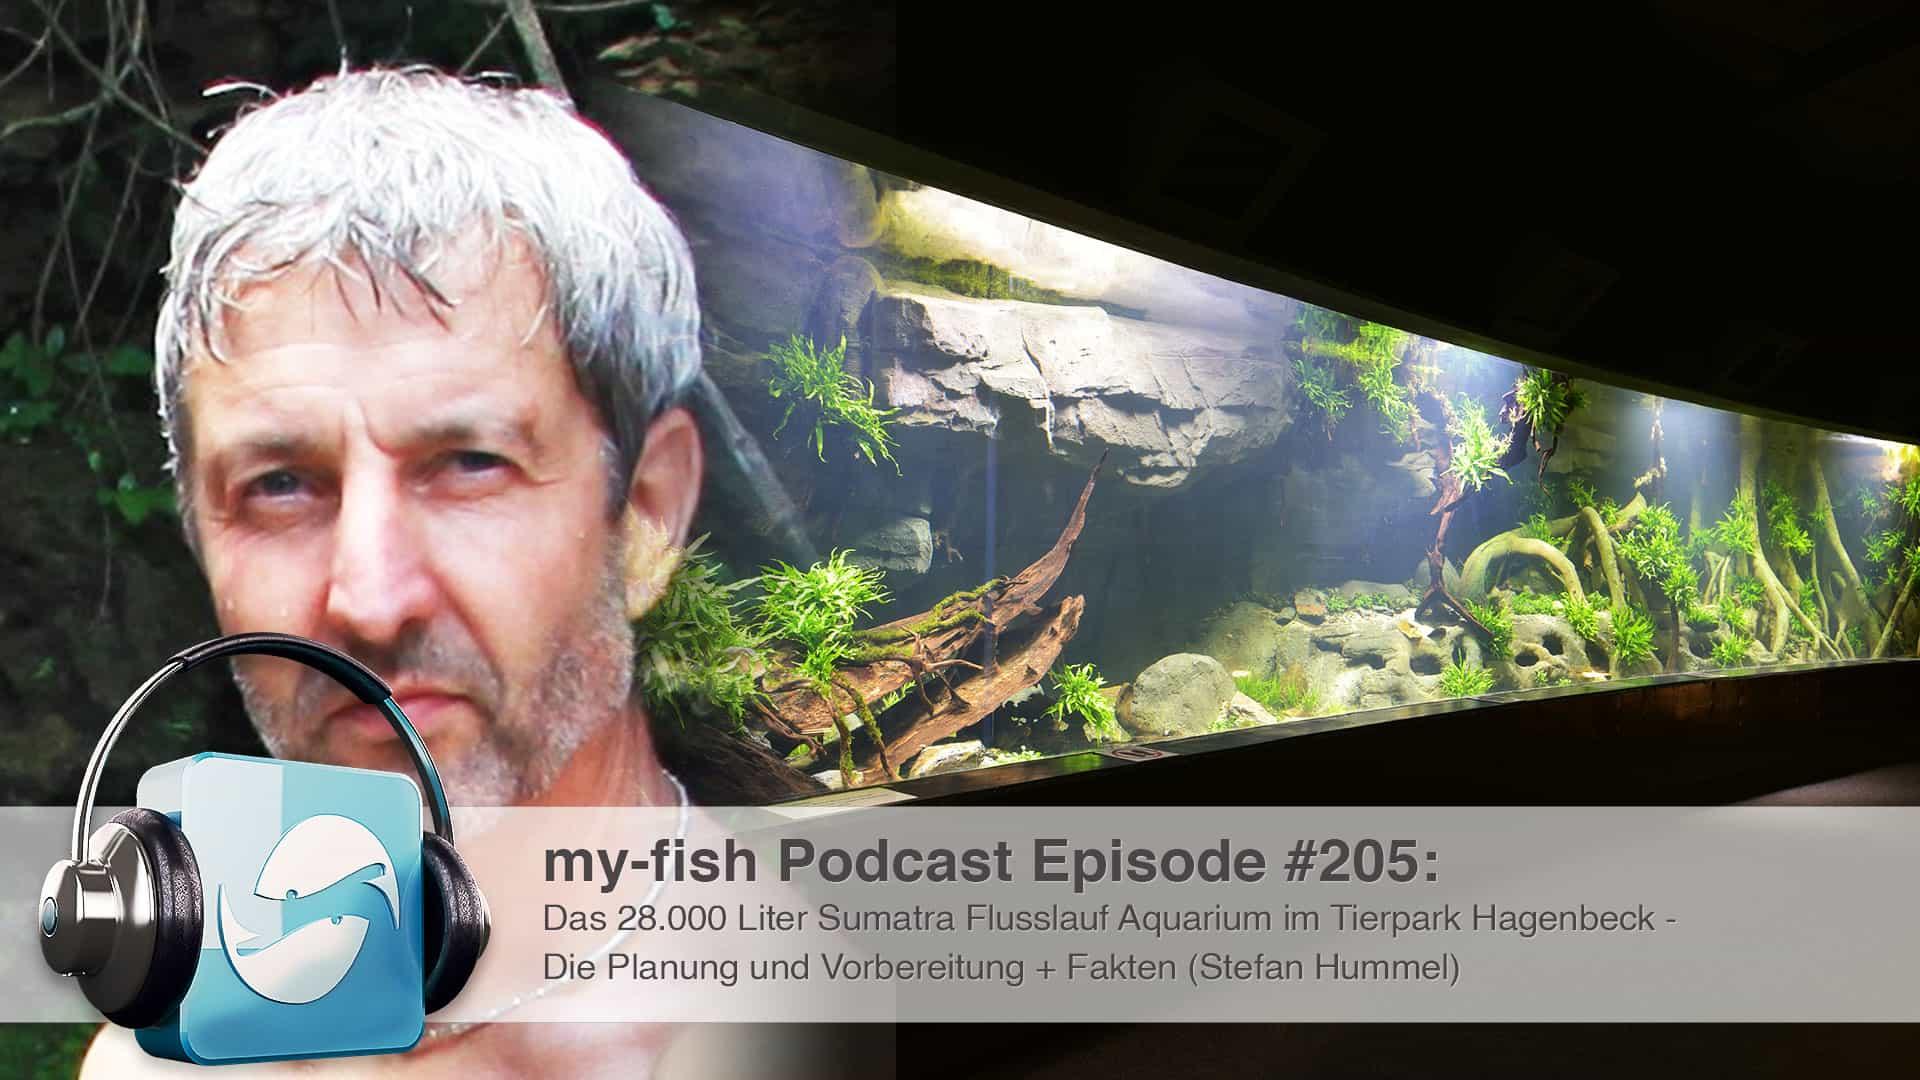 205 - Das 28.000 Liter Sumatra Flusslauf Aquarium im Tierpark Hagenbeck - Die Planung und Vorbereitung + Fakten (Stefan Hummel) 1